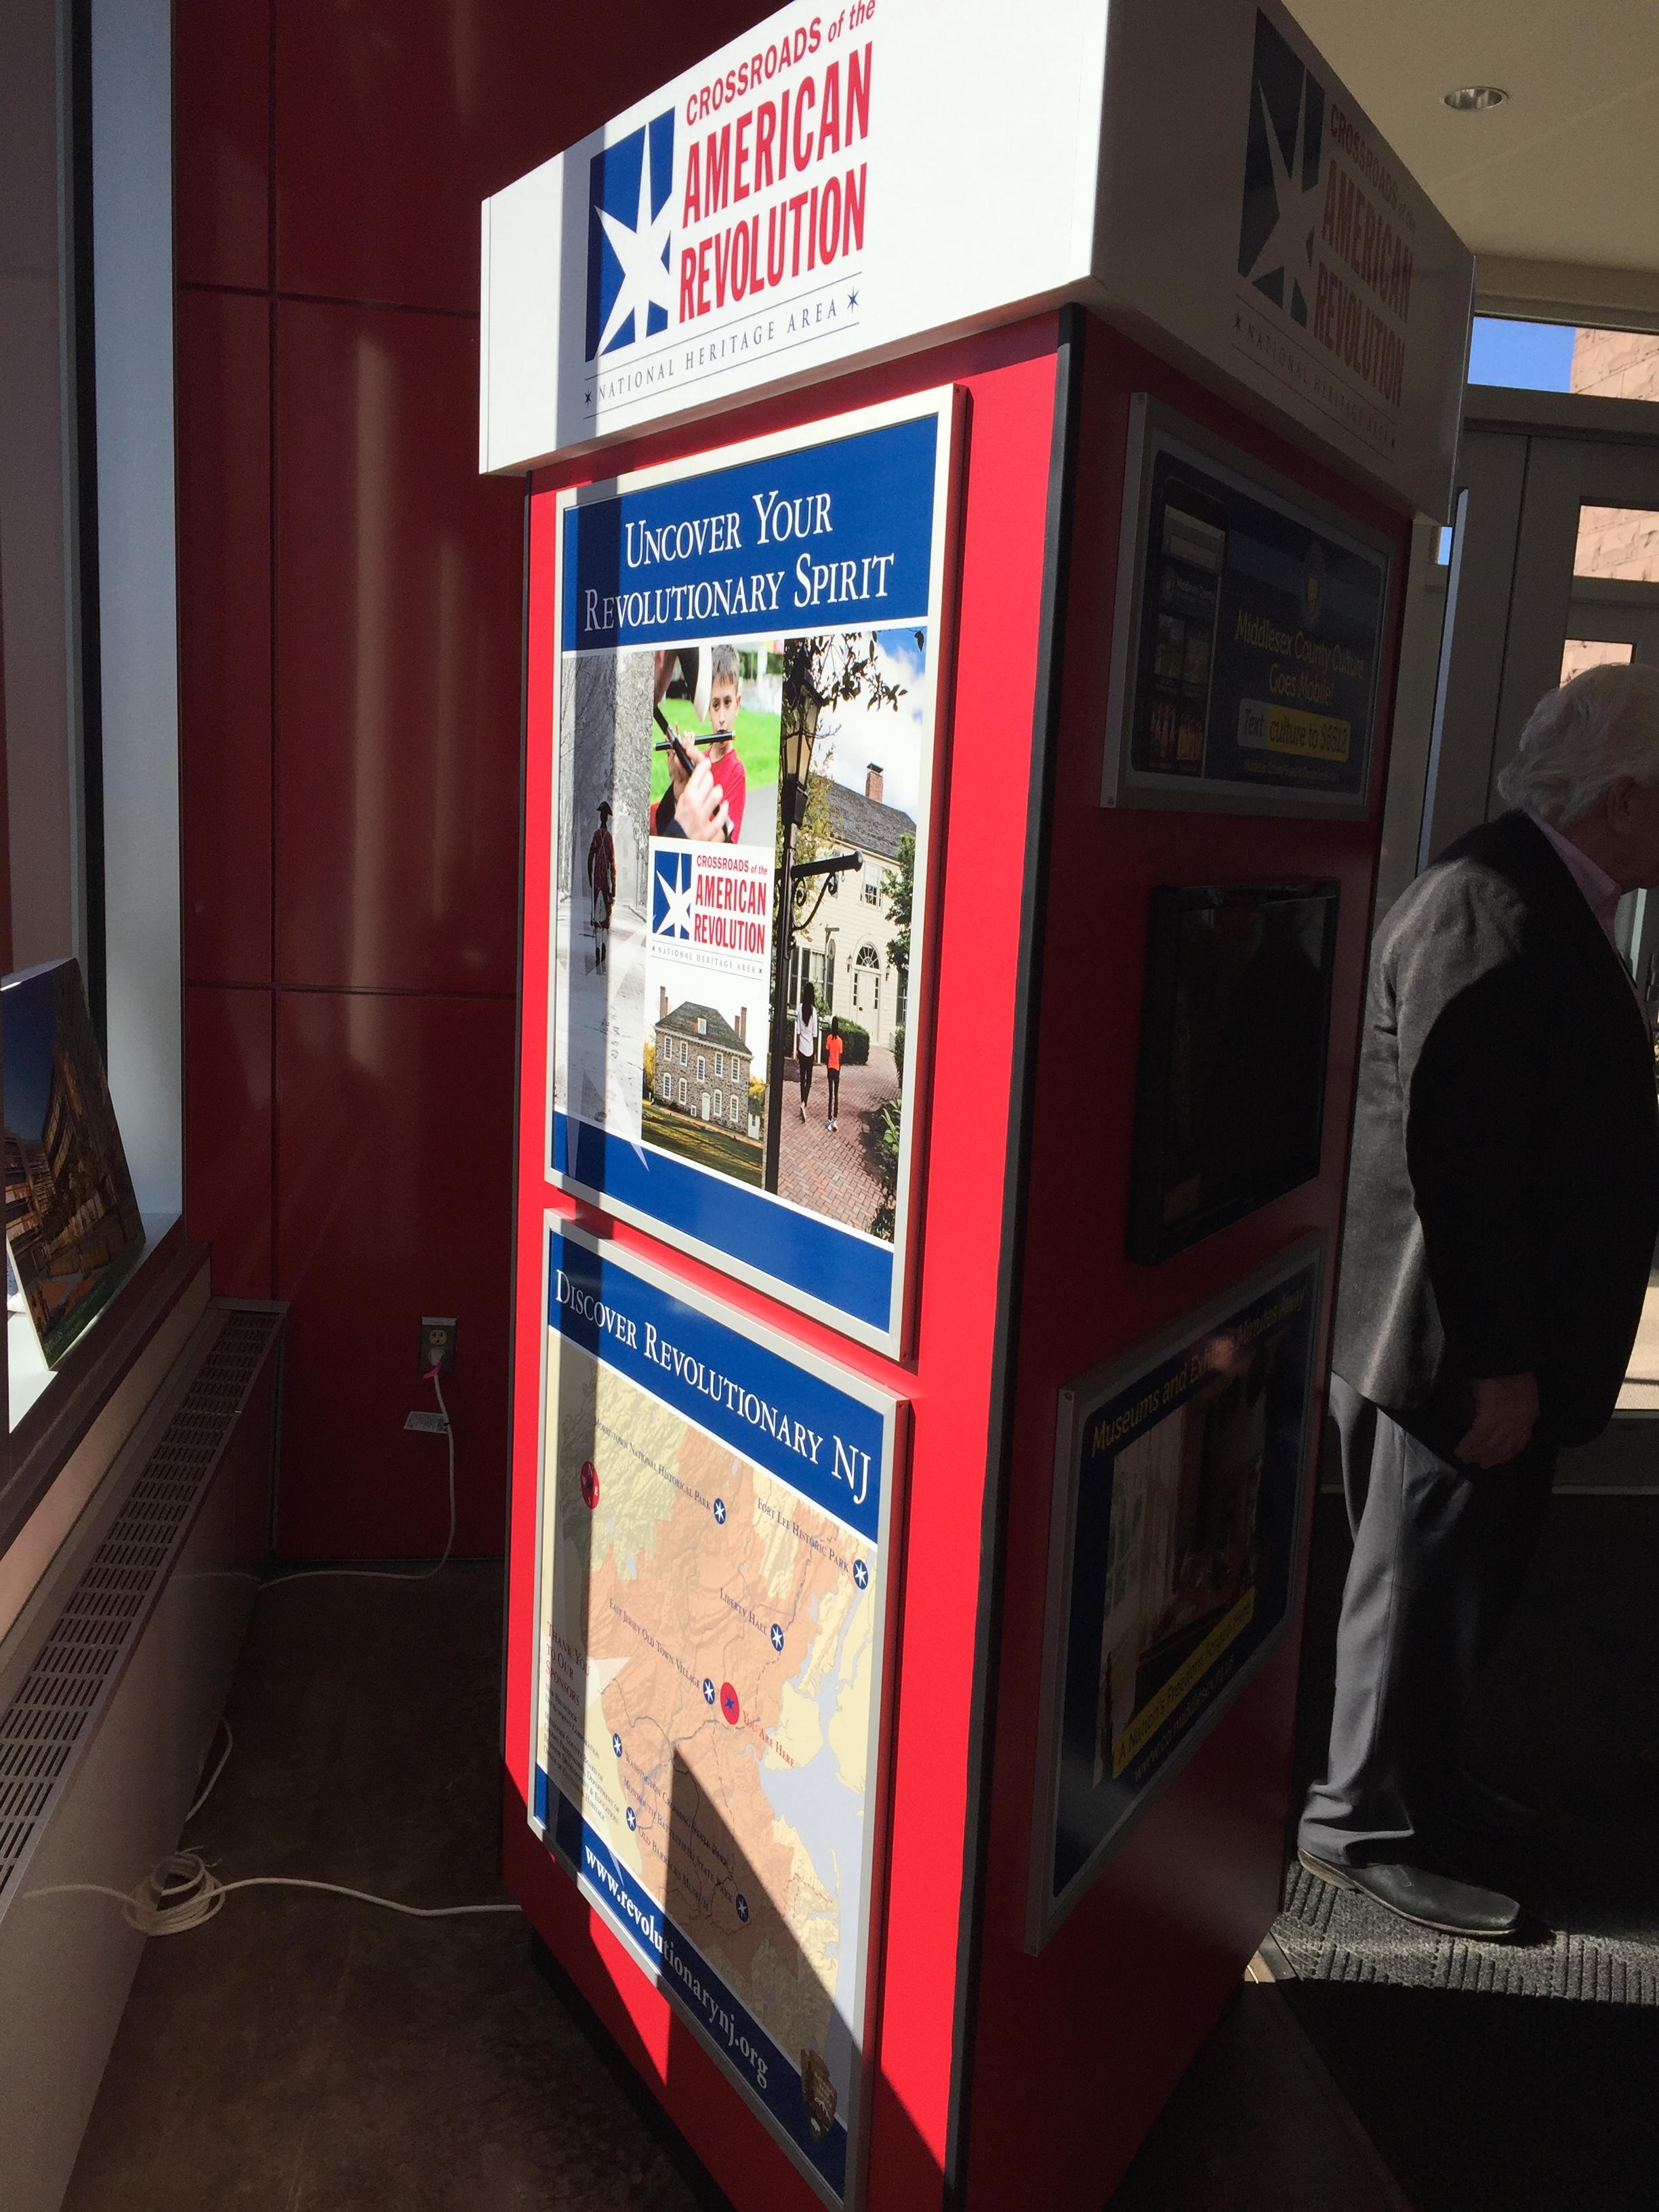 d70bbd3fb20f4f23a380_Rutgers_History_Kiosk_2-18-16_057.JPG